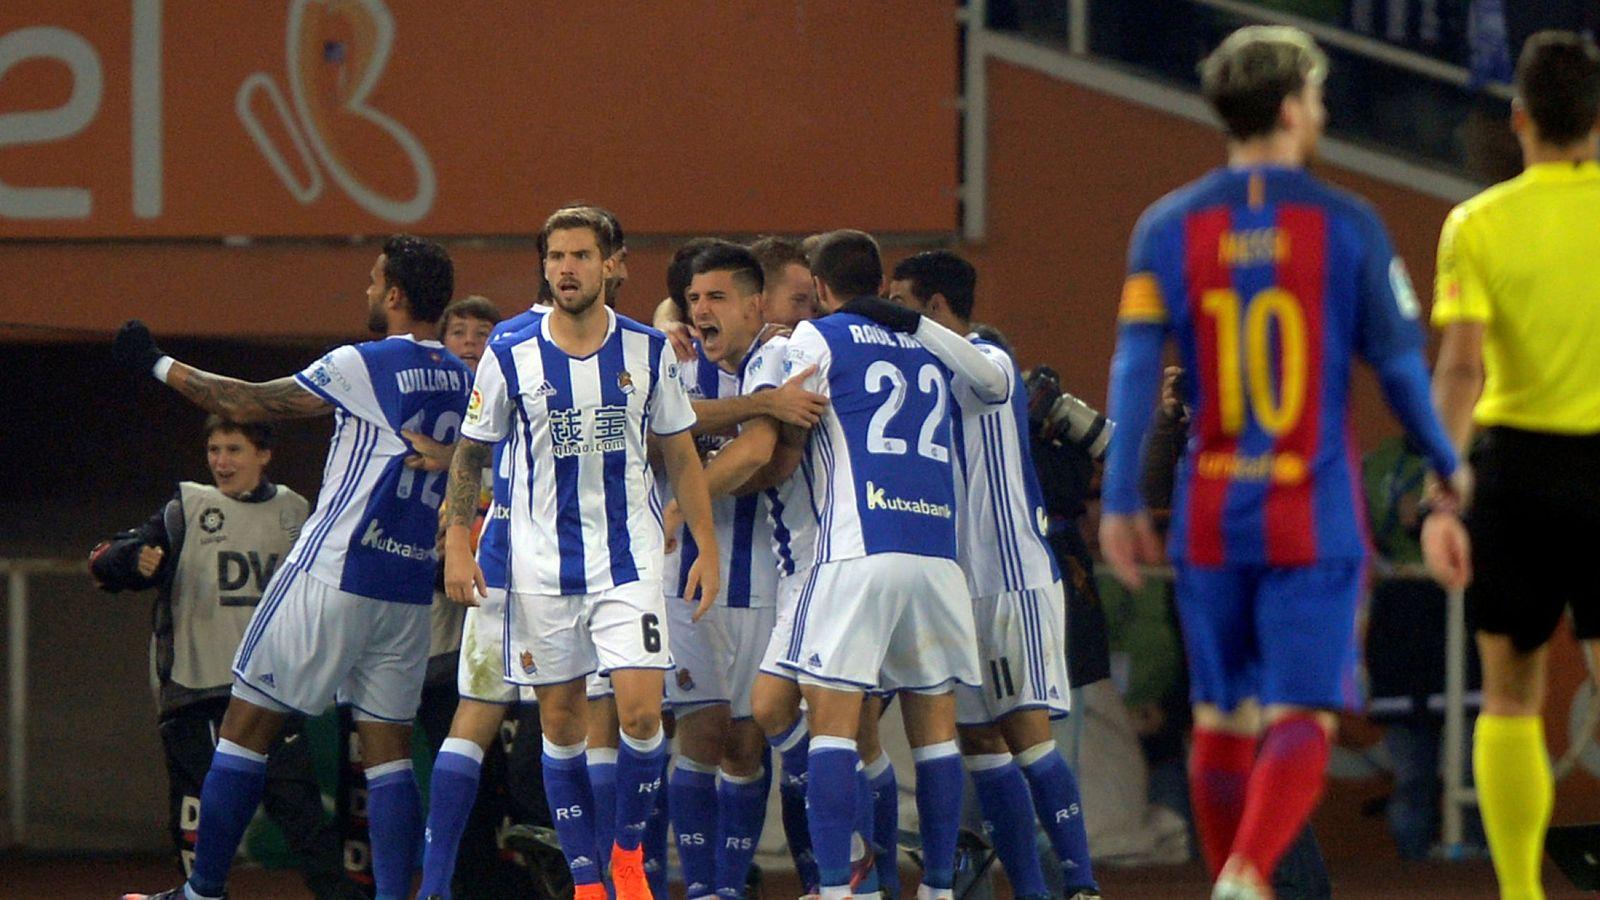 Copa del rey la real veta a goltv por aguarle la fiesta for Hora del partido del real madrid